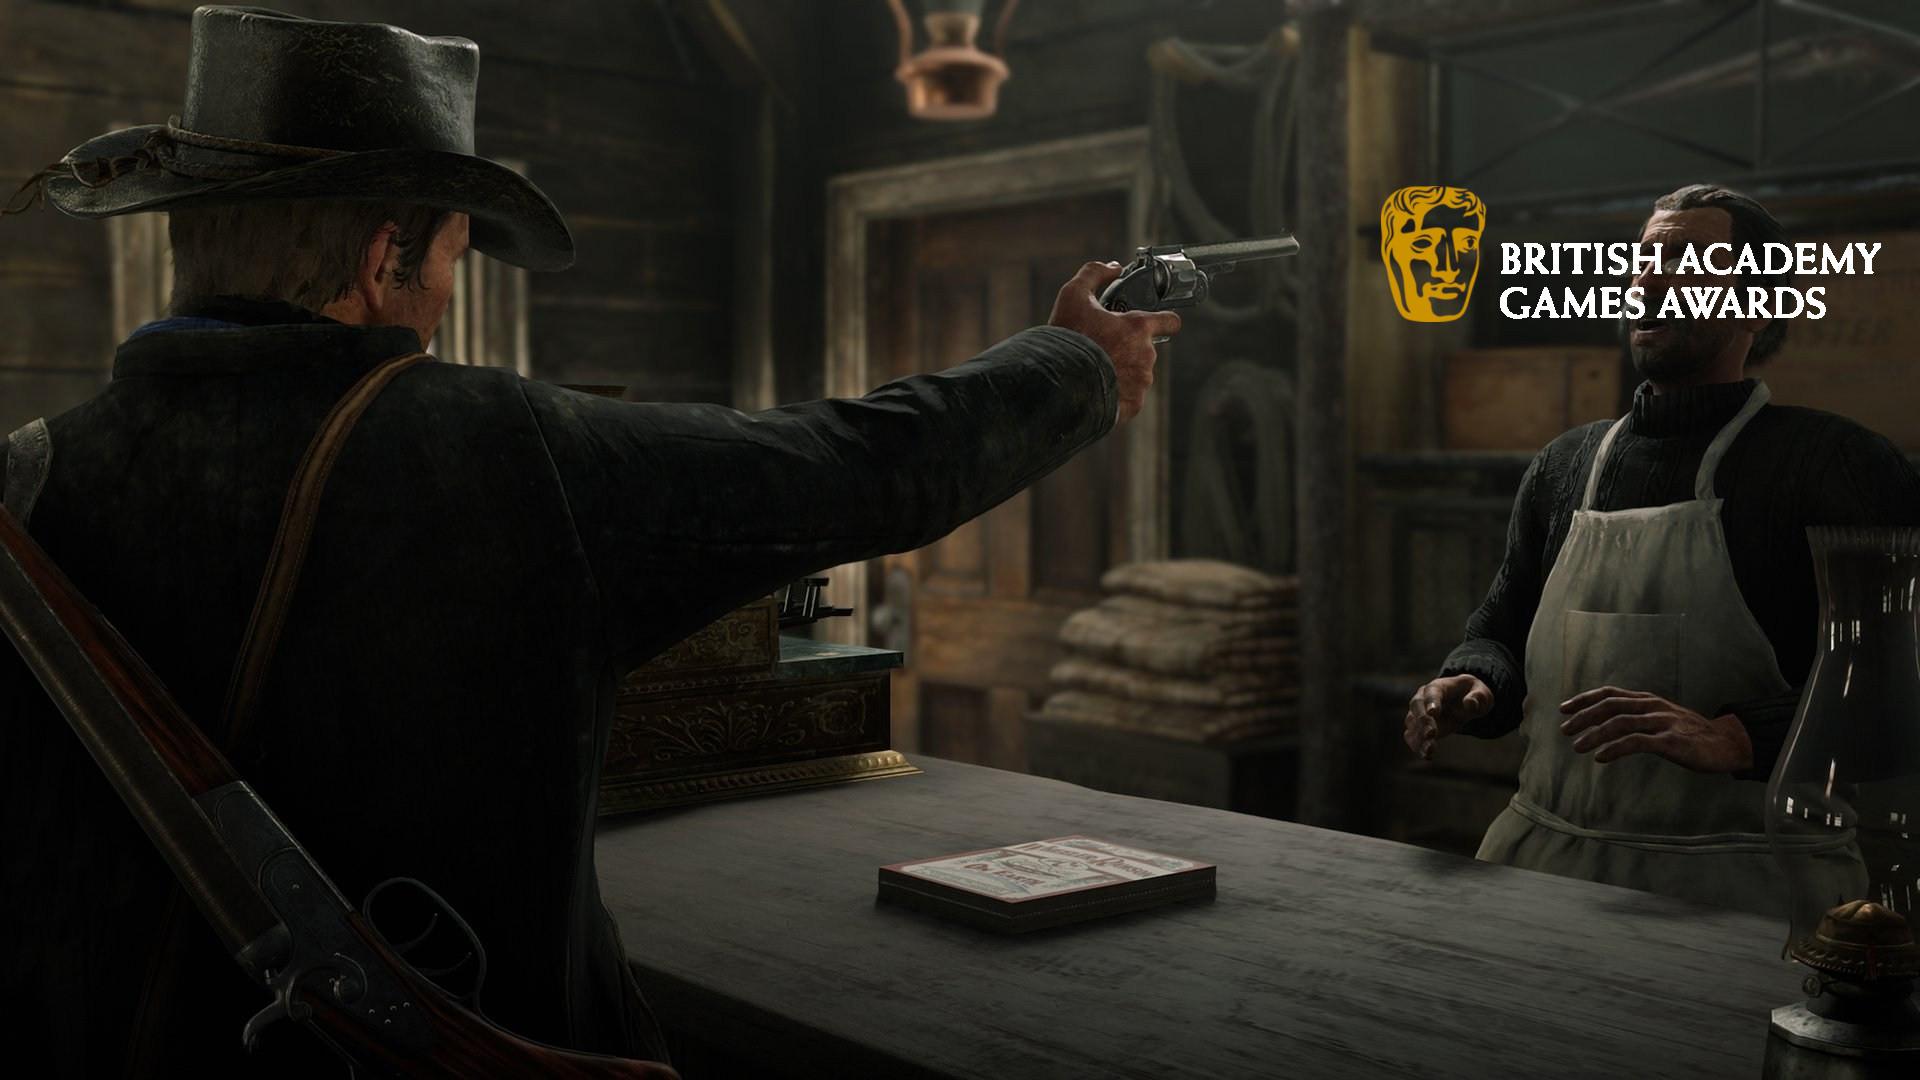 Bannière illustrant la cérémonie des BAFTA Game Awards 2019